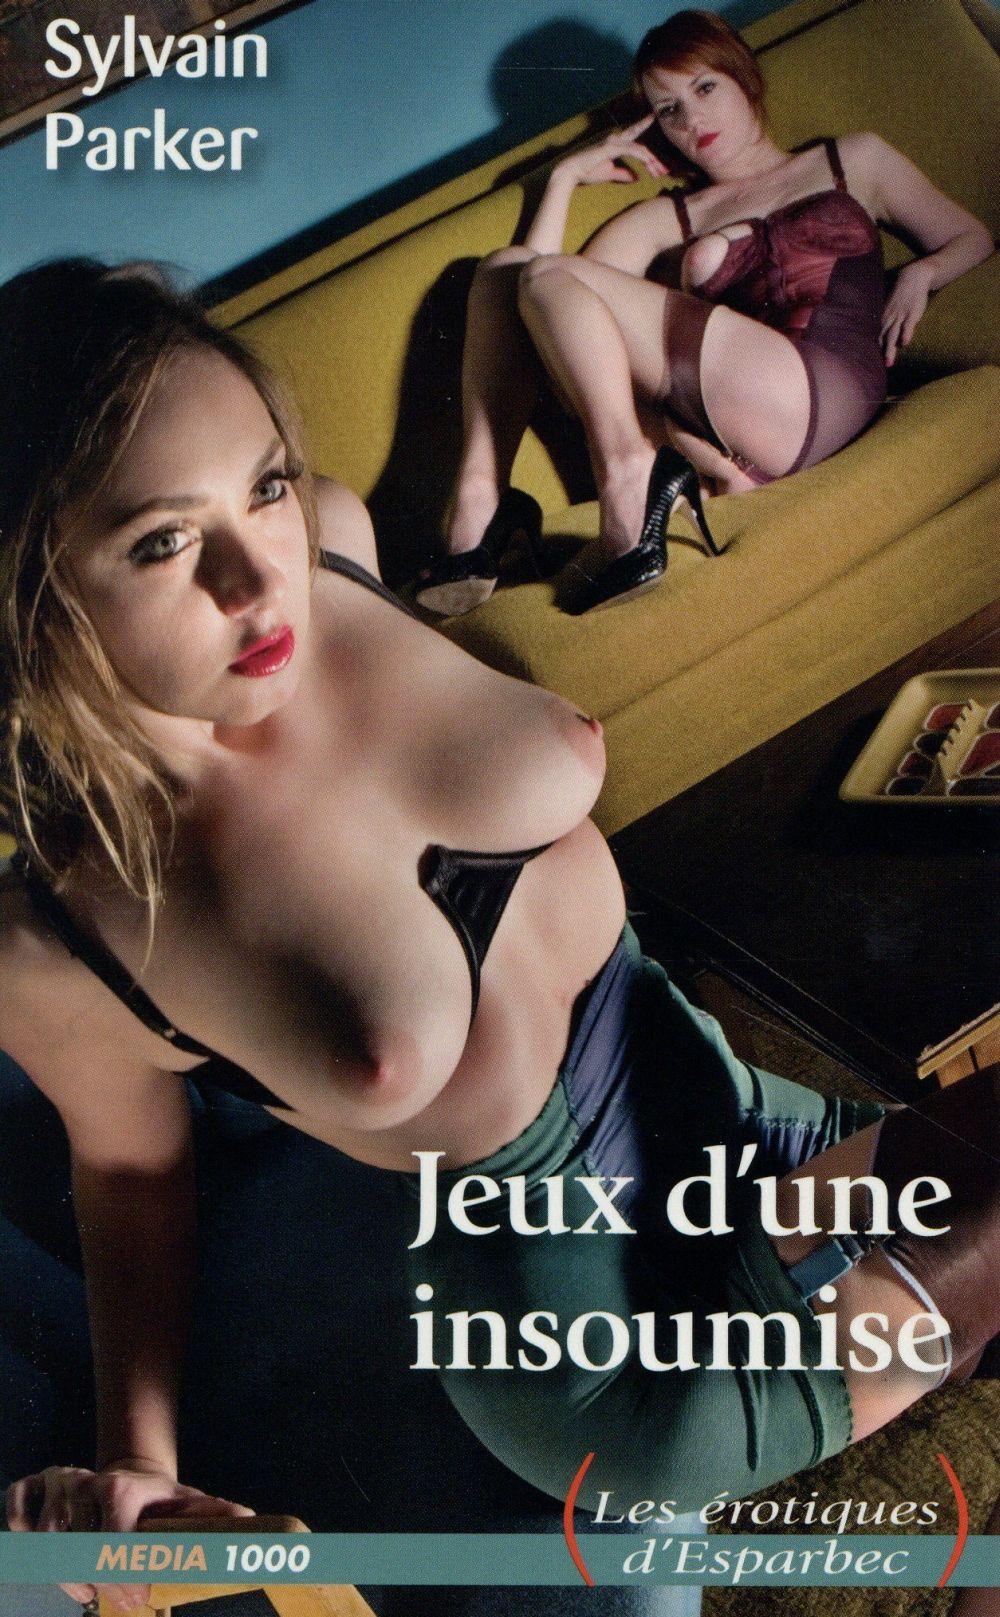 JEUX D'UNE INSOUMISE